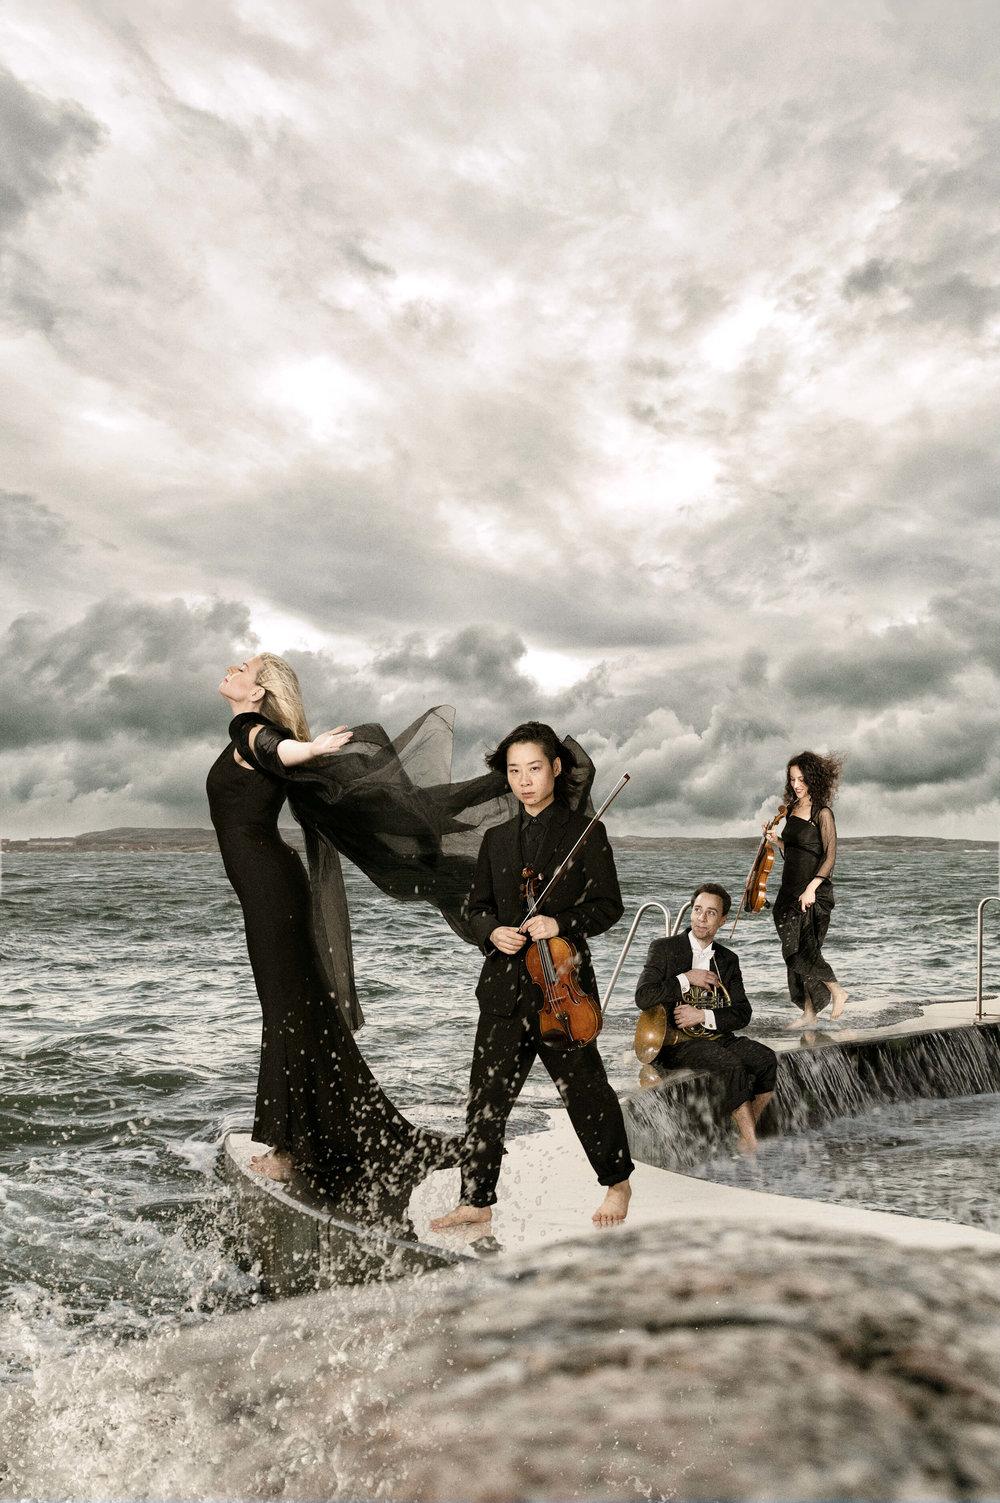 Annalena Persson, Yuki Tashiro, Grégoire Nenert & Heather Levenstein